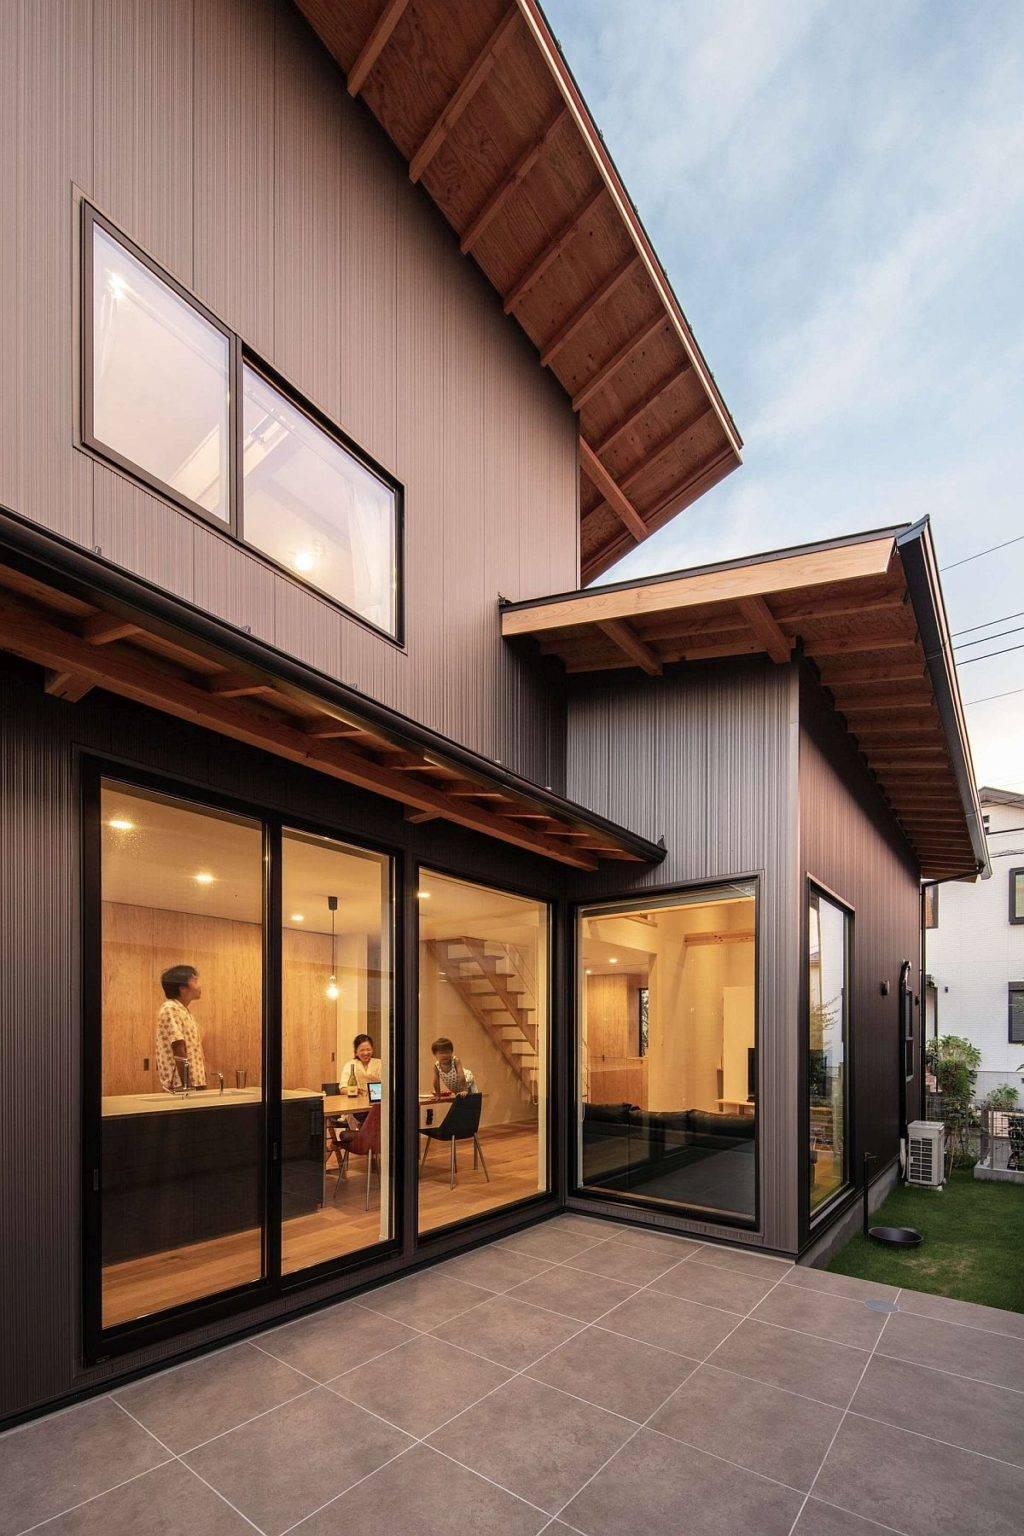 Cửa kính trượt của ngôi nhà kết nối khu bếp - ăn với không gian bên ngoài.